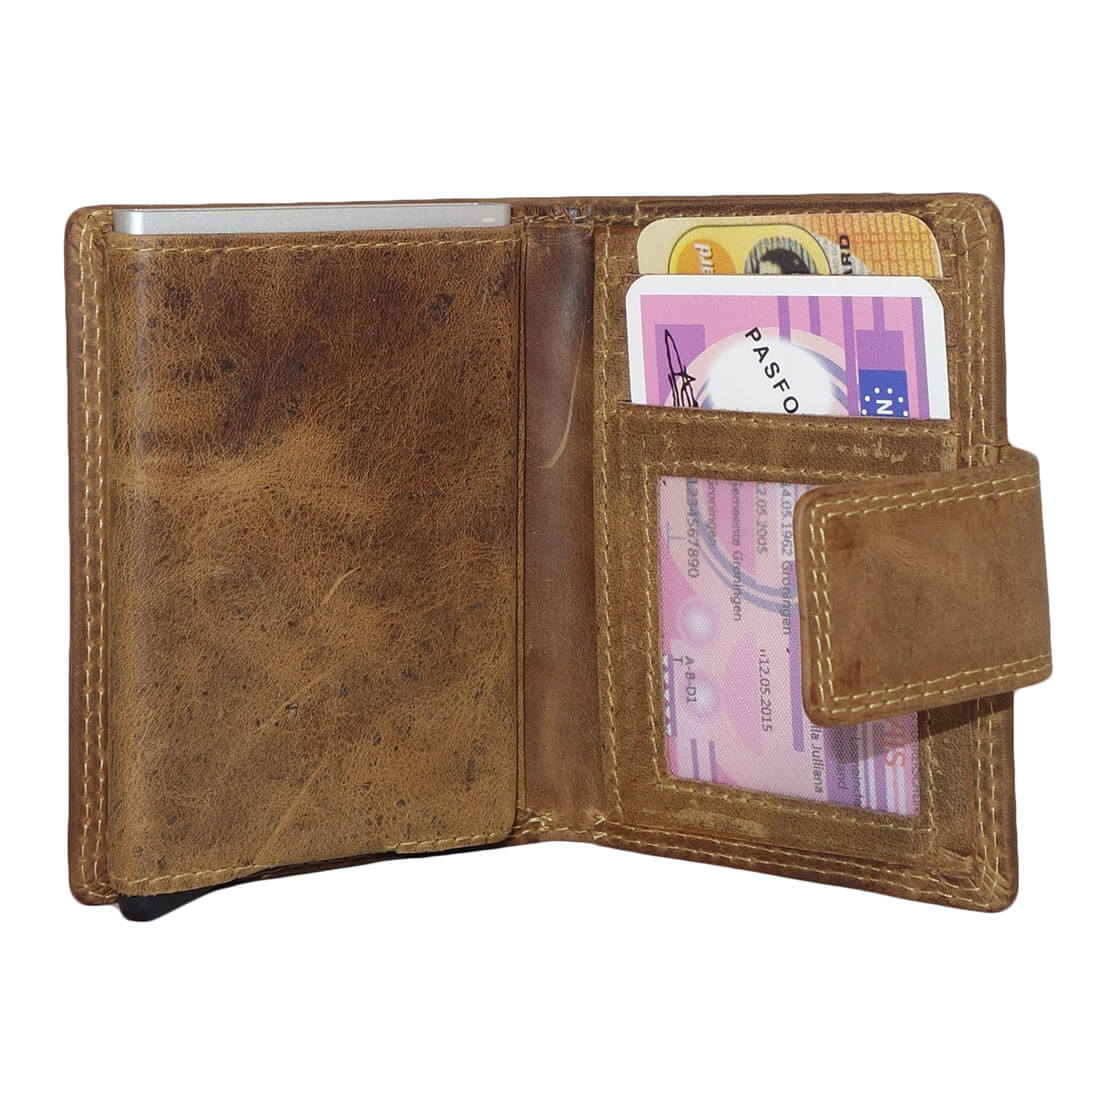 f966d2d9126 ... Leather Design Portemonnee met Ritsvakje en Secrid Cardprotector Vak  Bruin-17624 ...